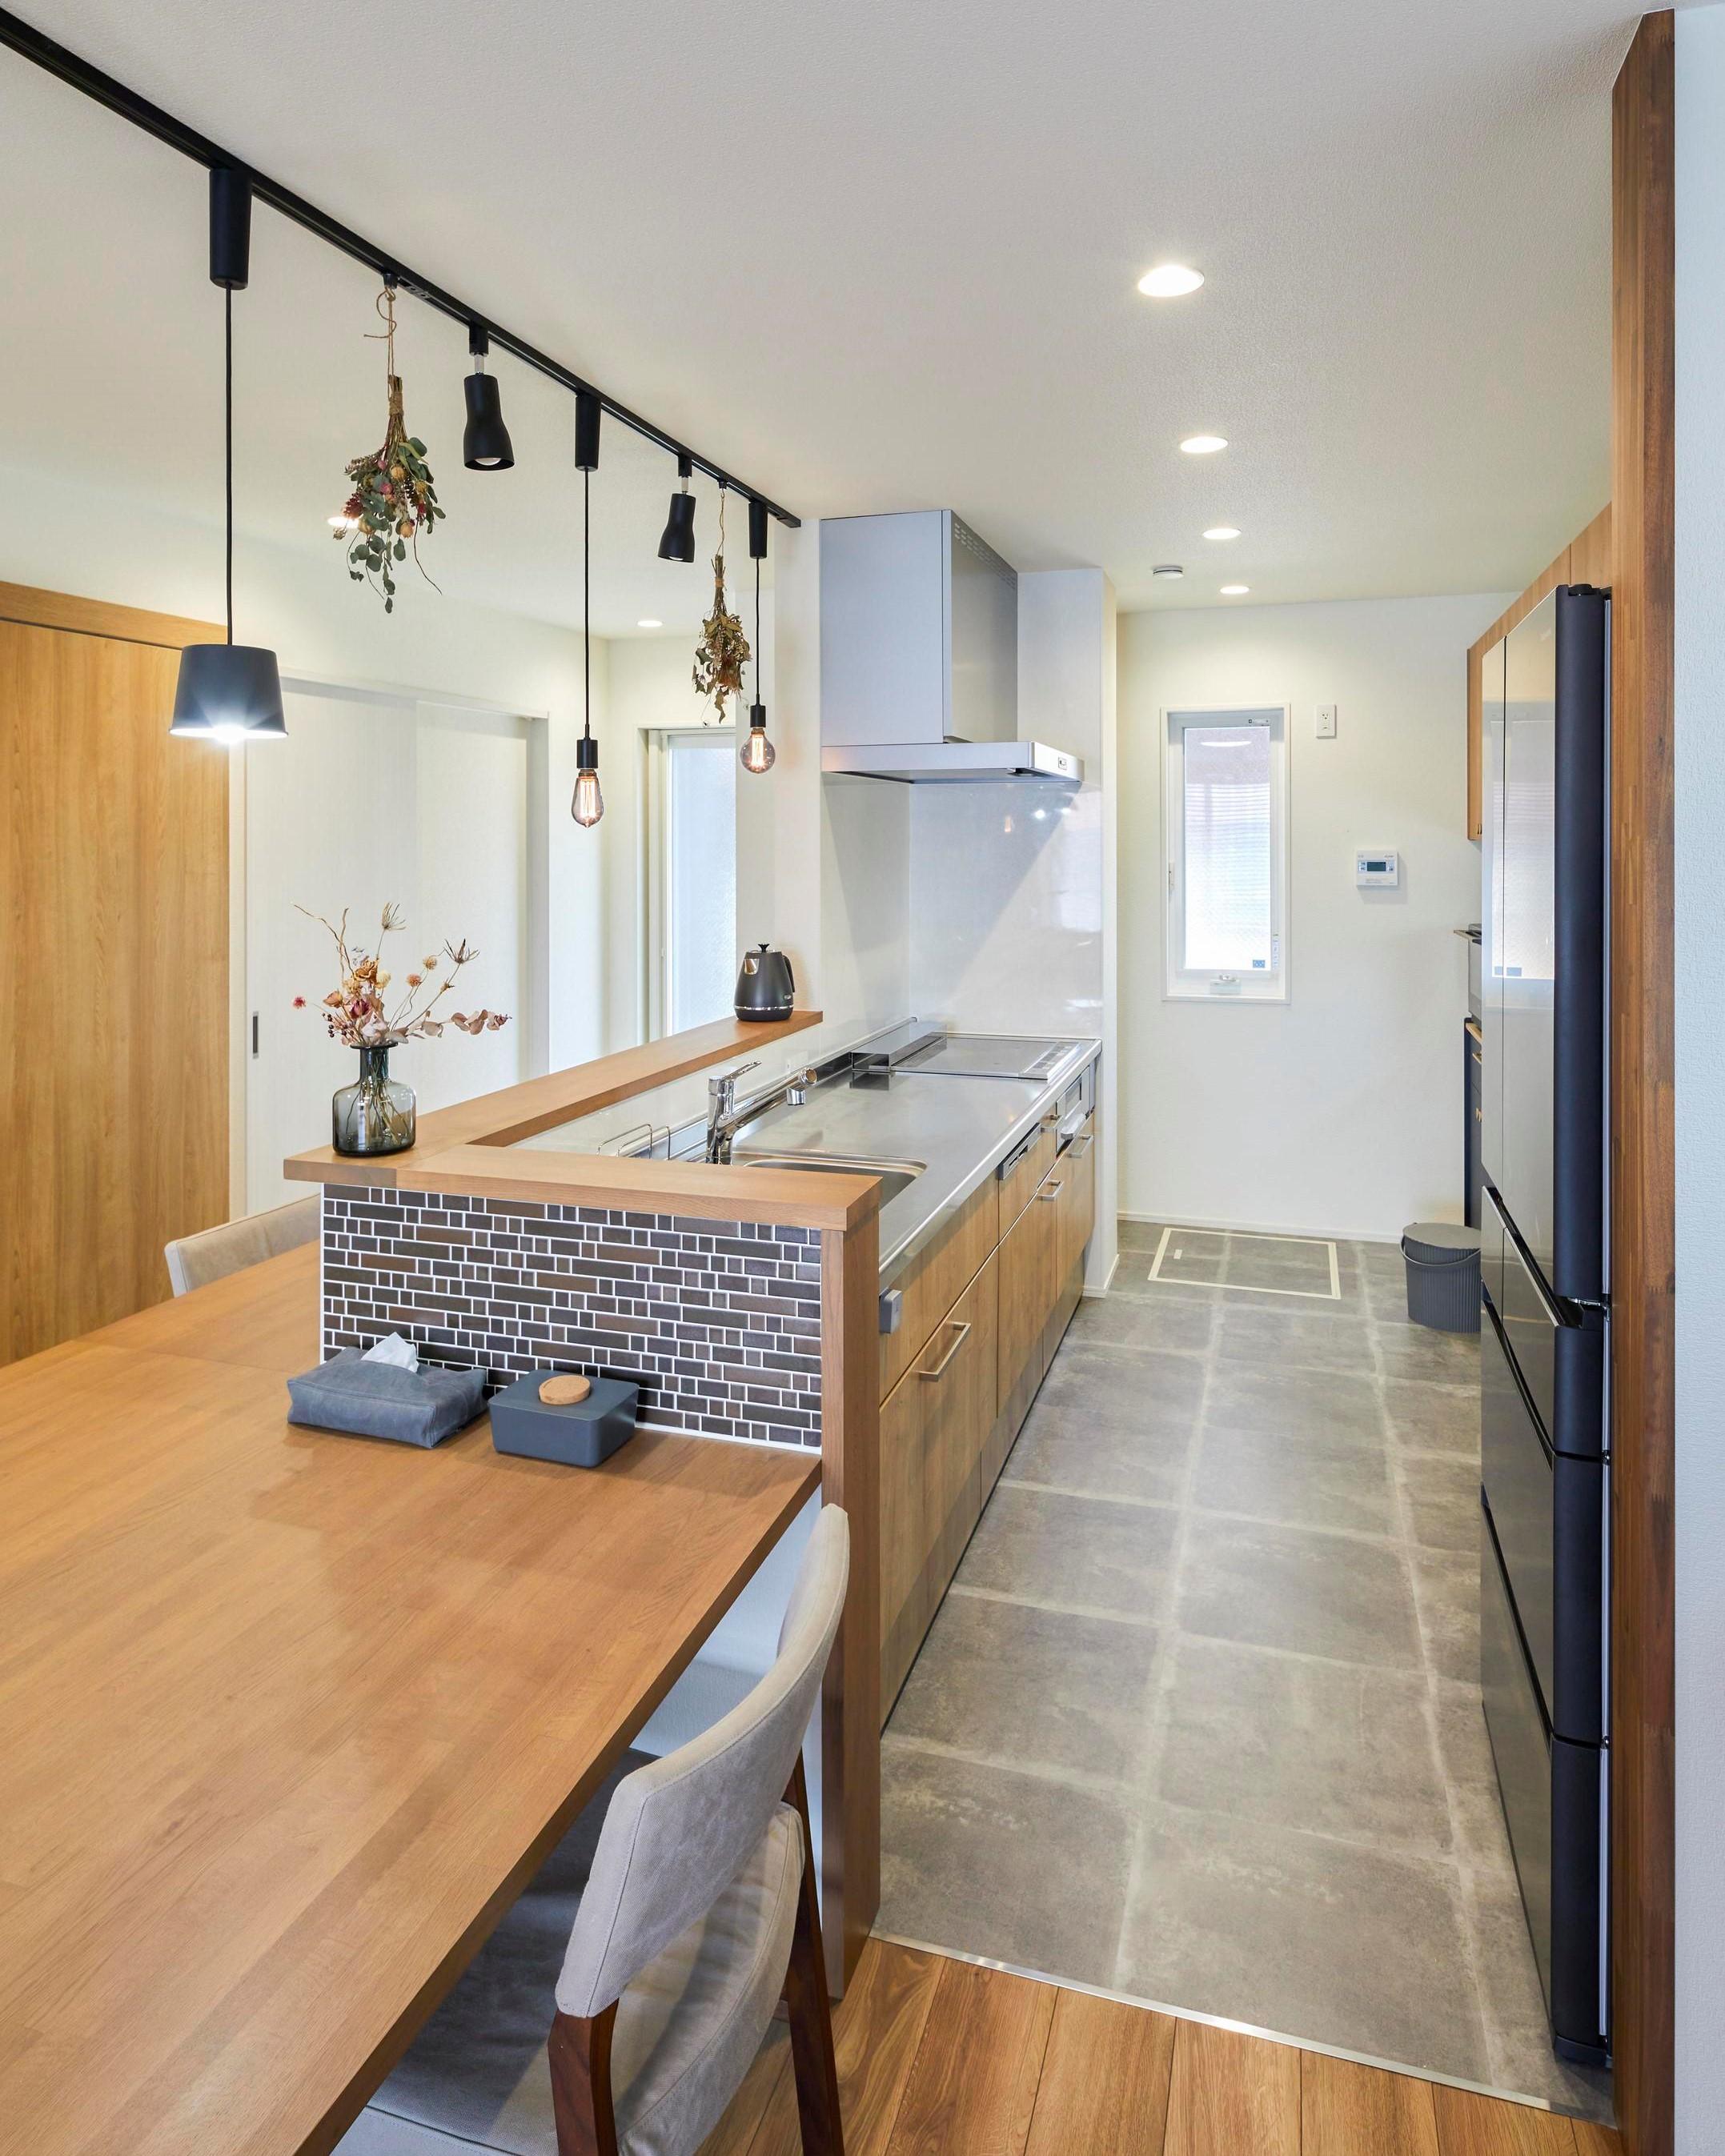 キッチンスペースの床はコンクリート調の床材を採用